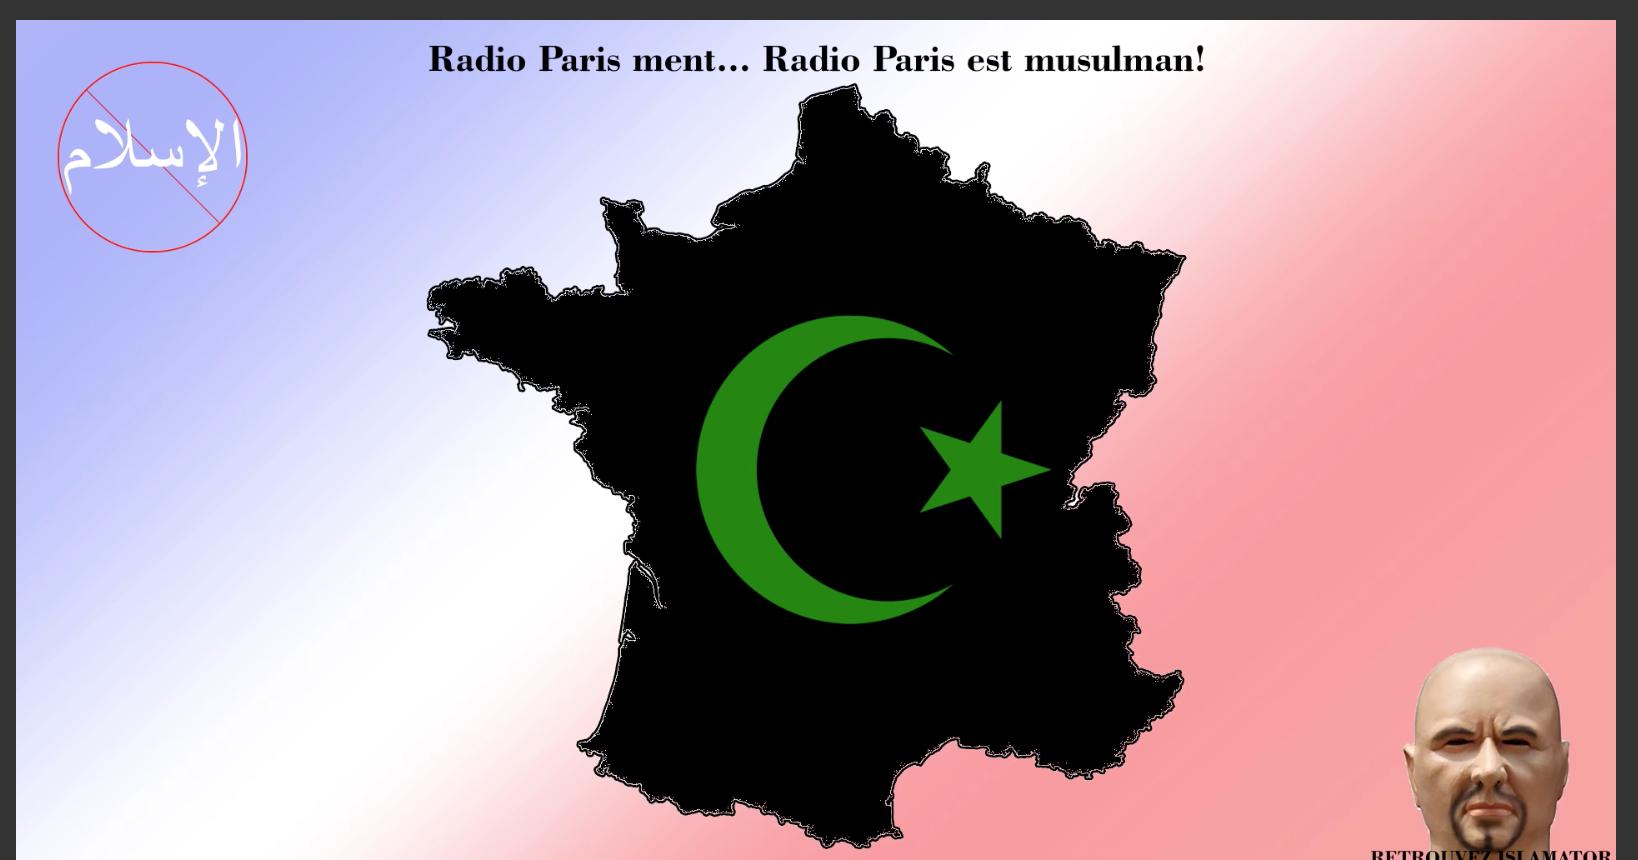 Islamator vous parle : Radio Paris ment, Radio Paris est musulman…